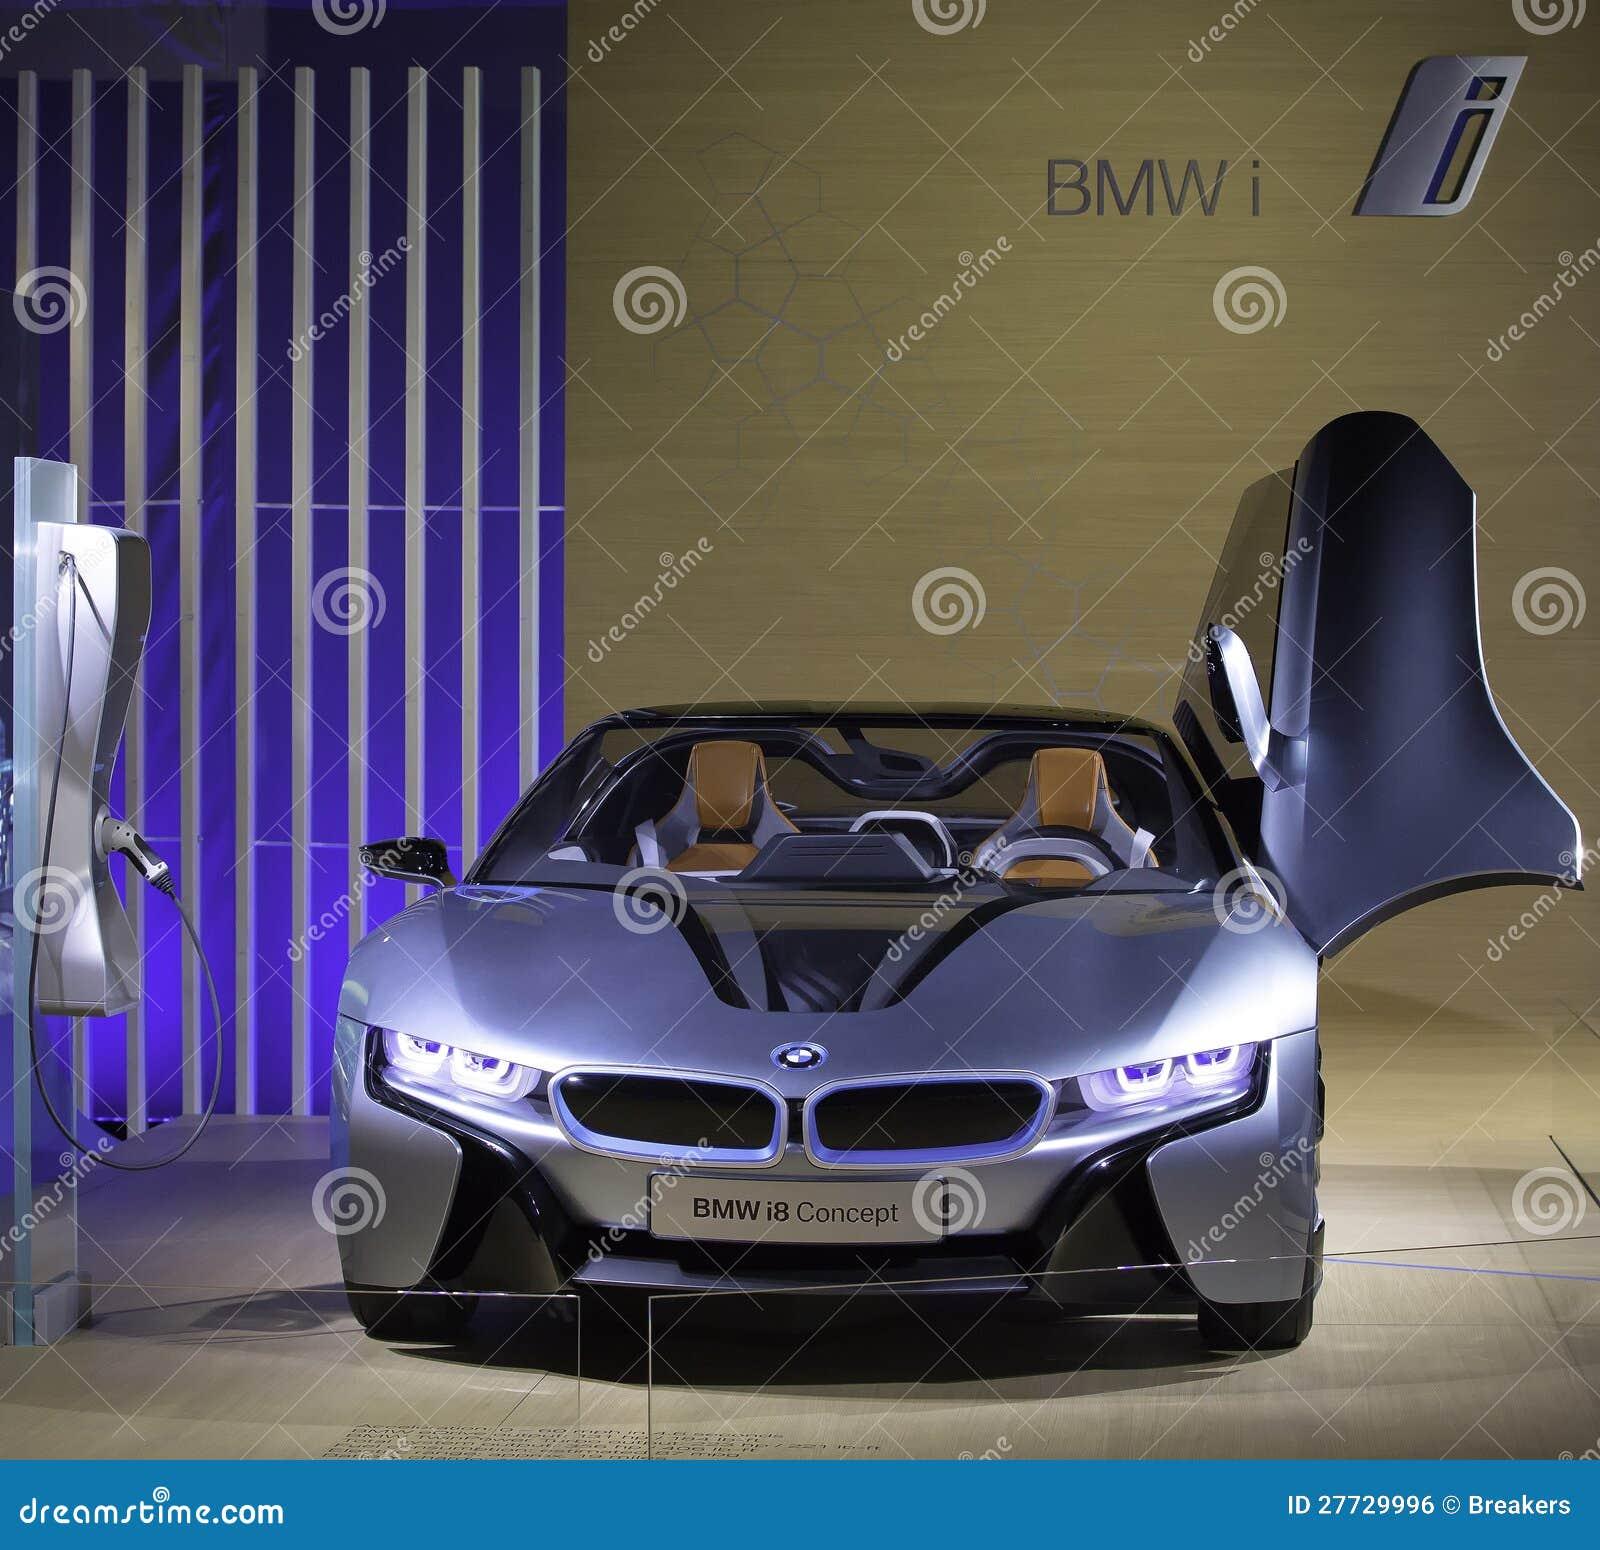 BMW i8 - Das Konzept BMW-i8 wird gezeigt